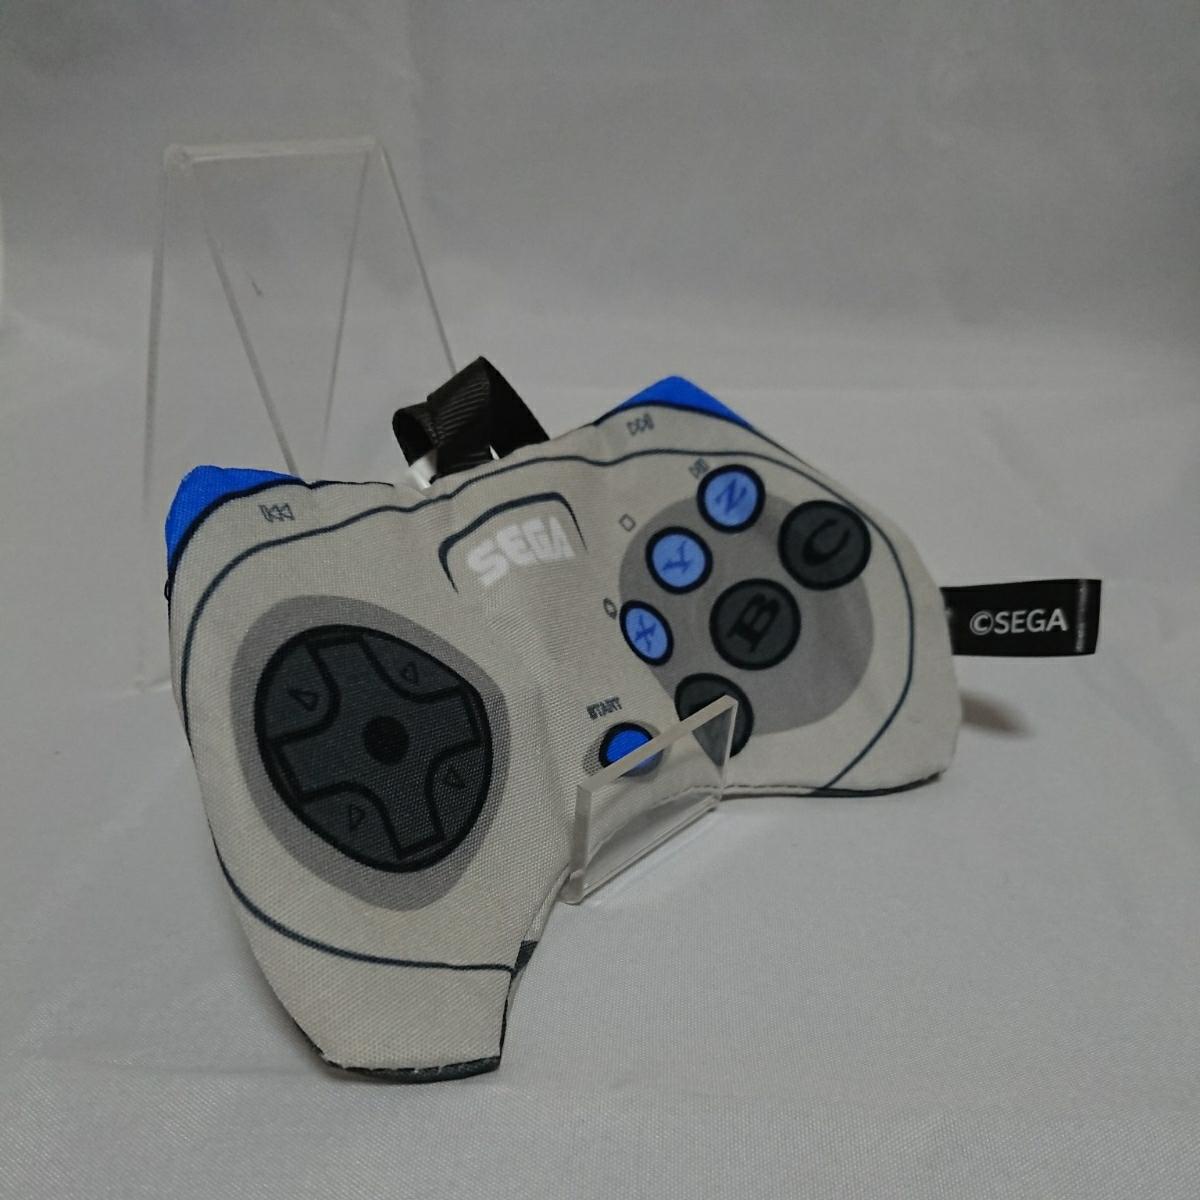 未使用 SEGA セガハードゲーム機がポーチになっちゃったよ! セガサターンコントローラーポーチ アミューズメント景品_画像4